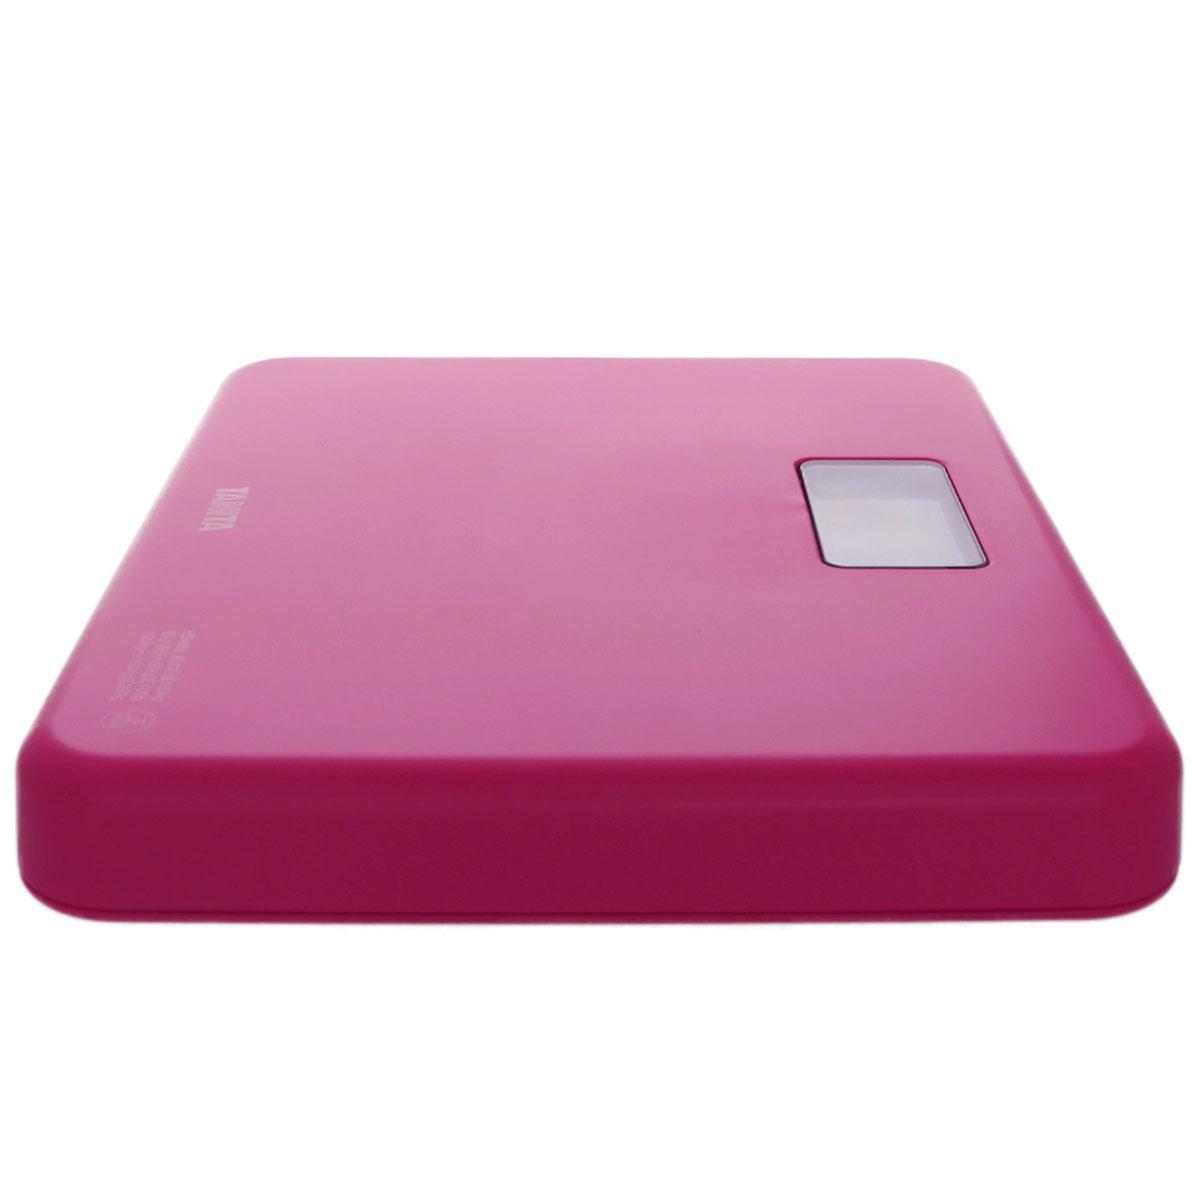 タニタ デジタルヘルスメーター 小型軽量設計 HD-660